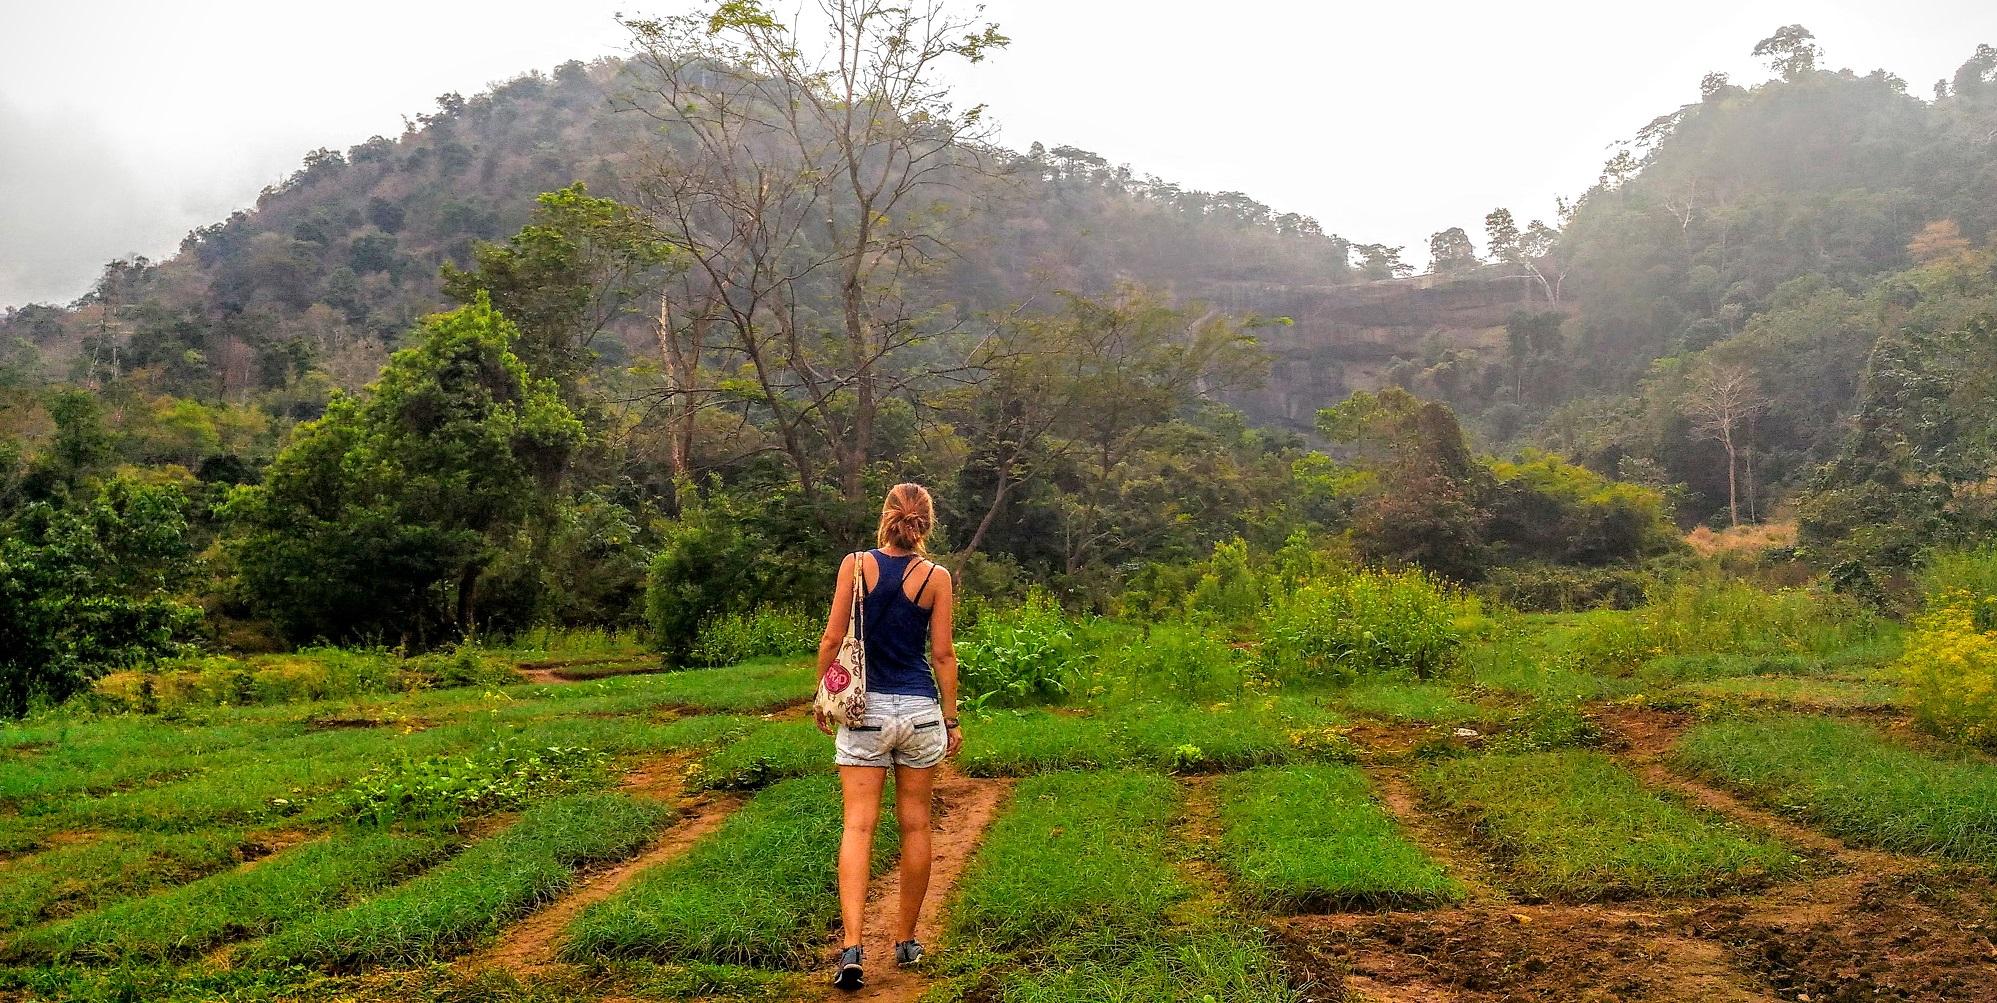 Un petit tour sur laosvo.com pour me convaincre